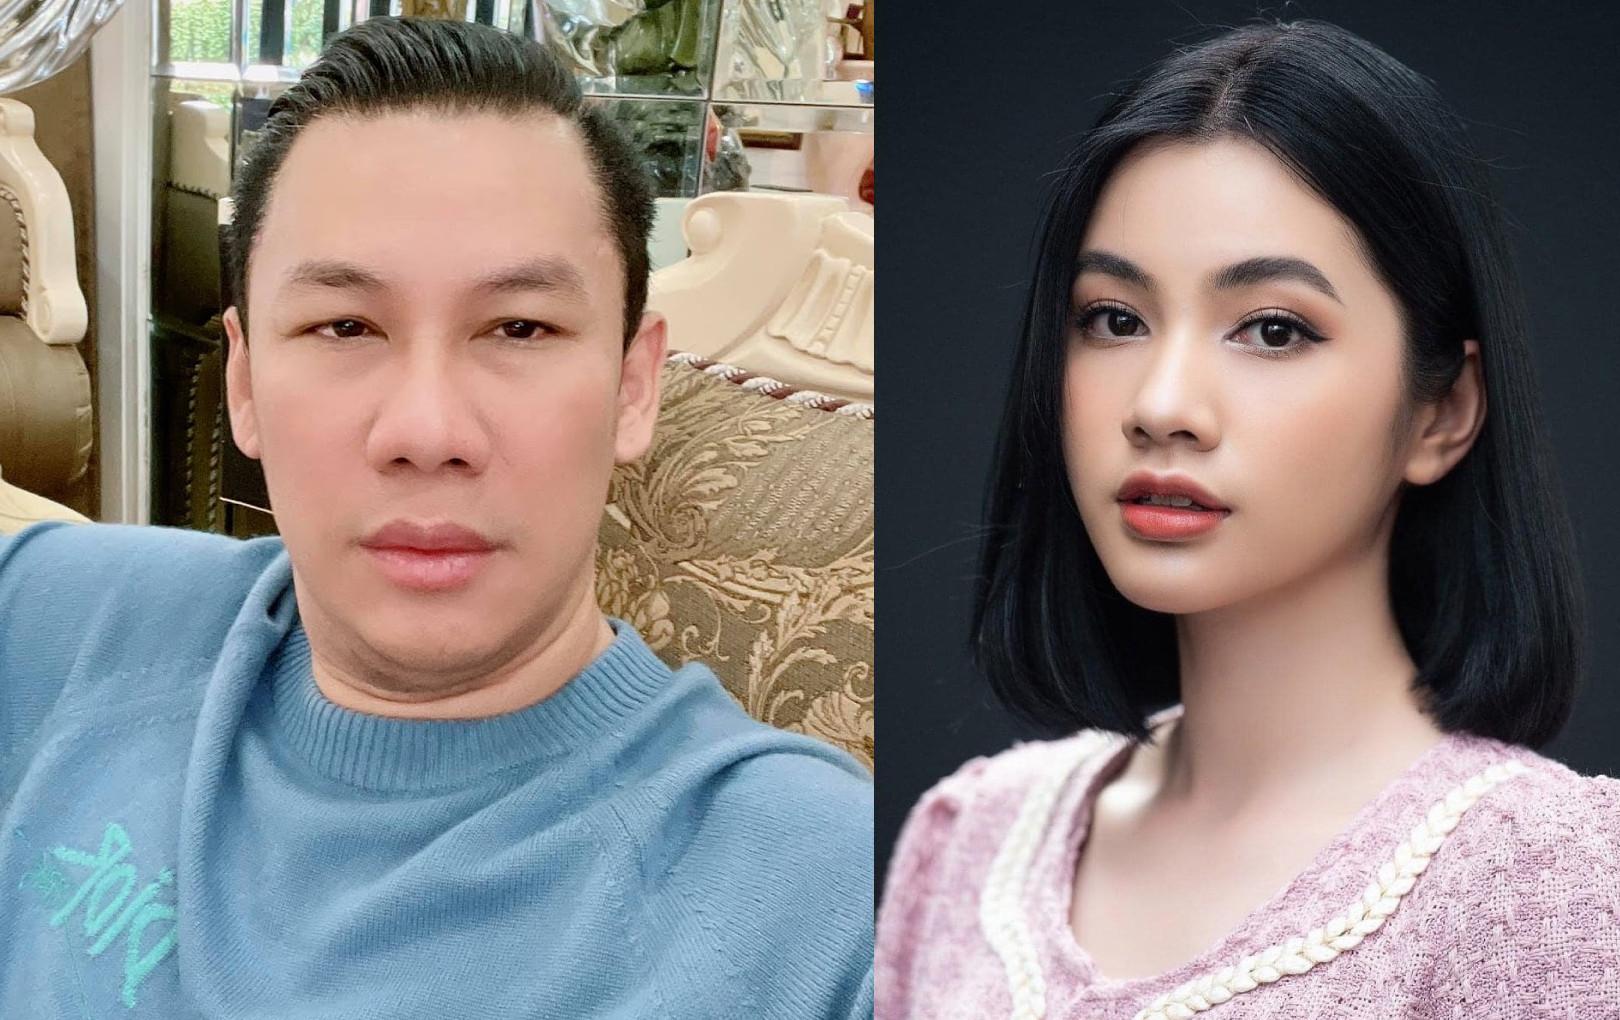 Chồng cũ Lệ Quyên xác nhận đang tìm hiểu bạn gái mới kém 27 tuổi